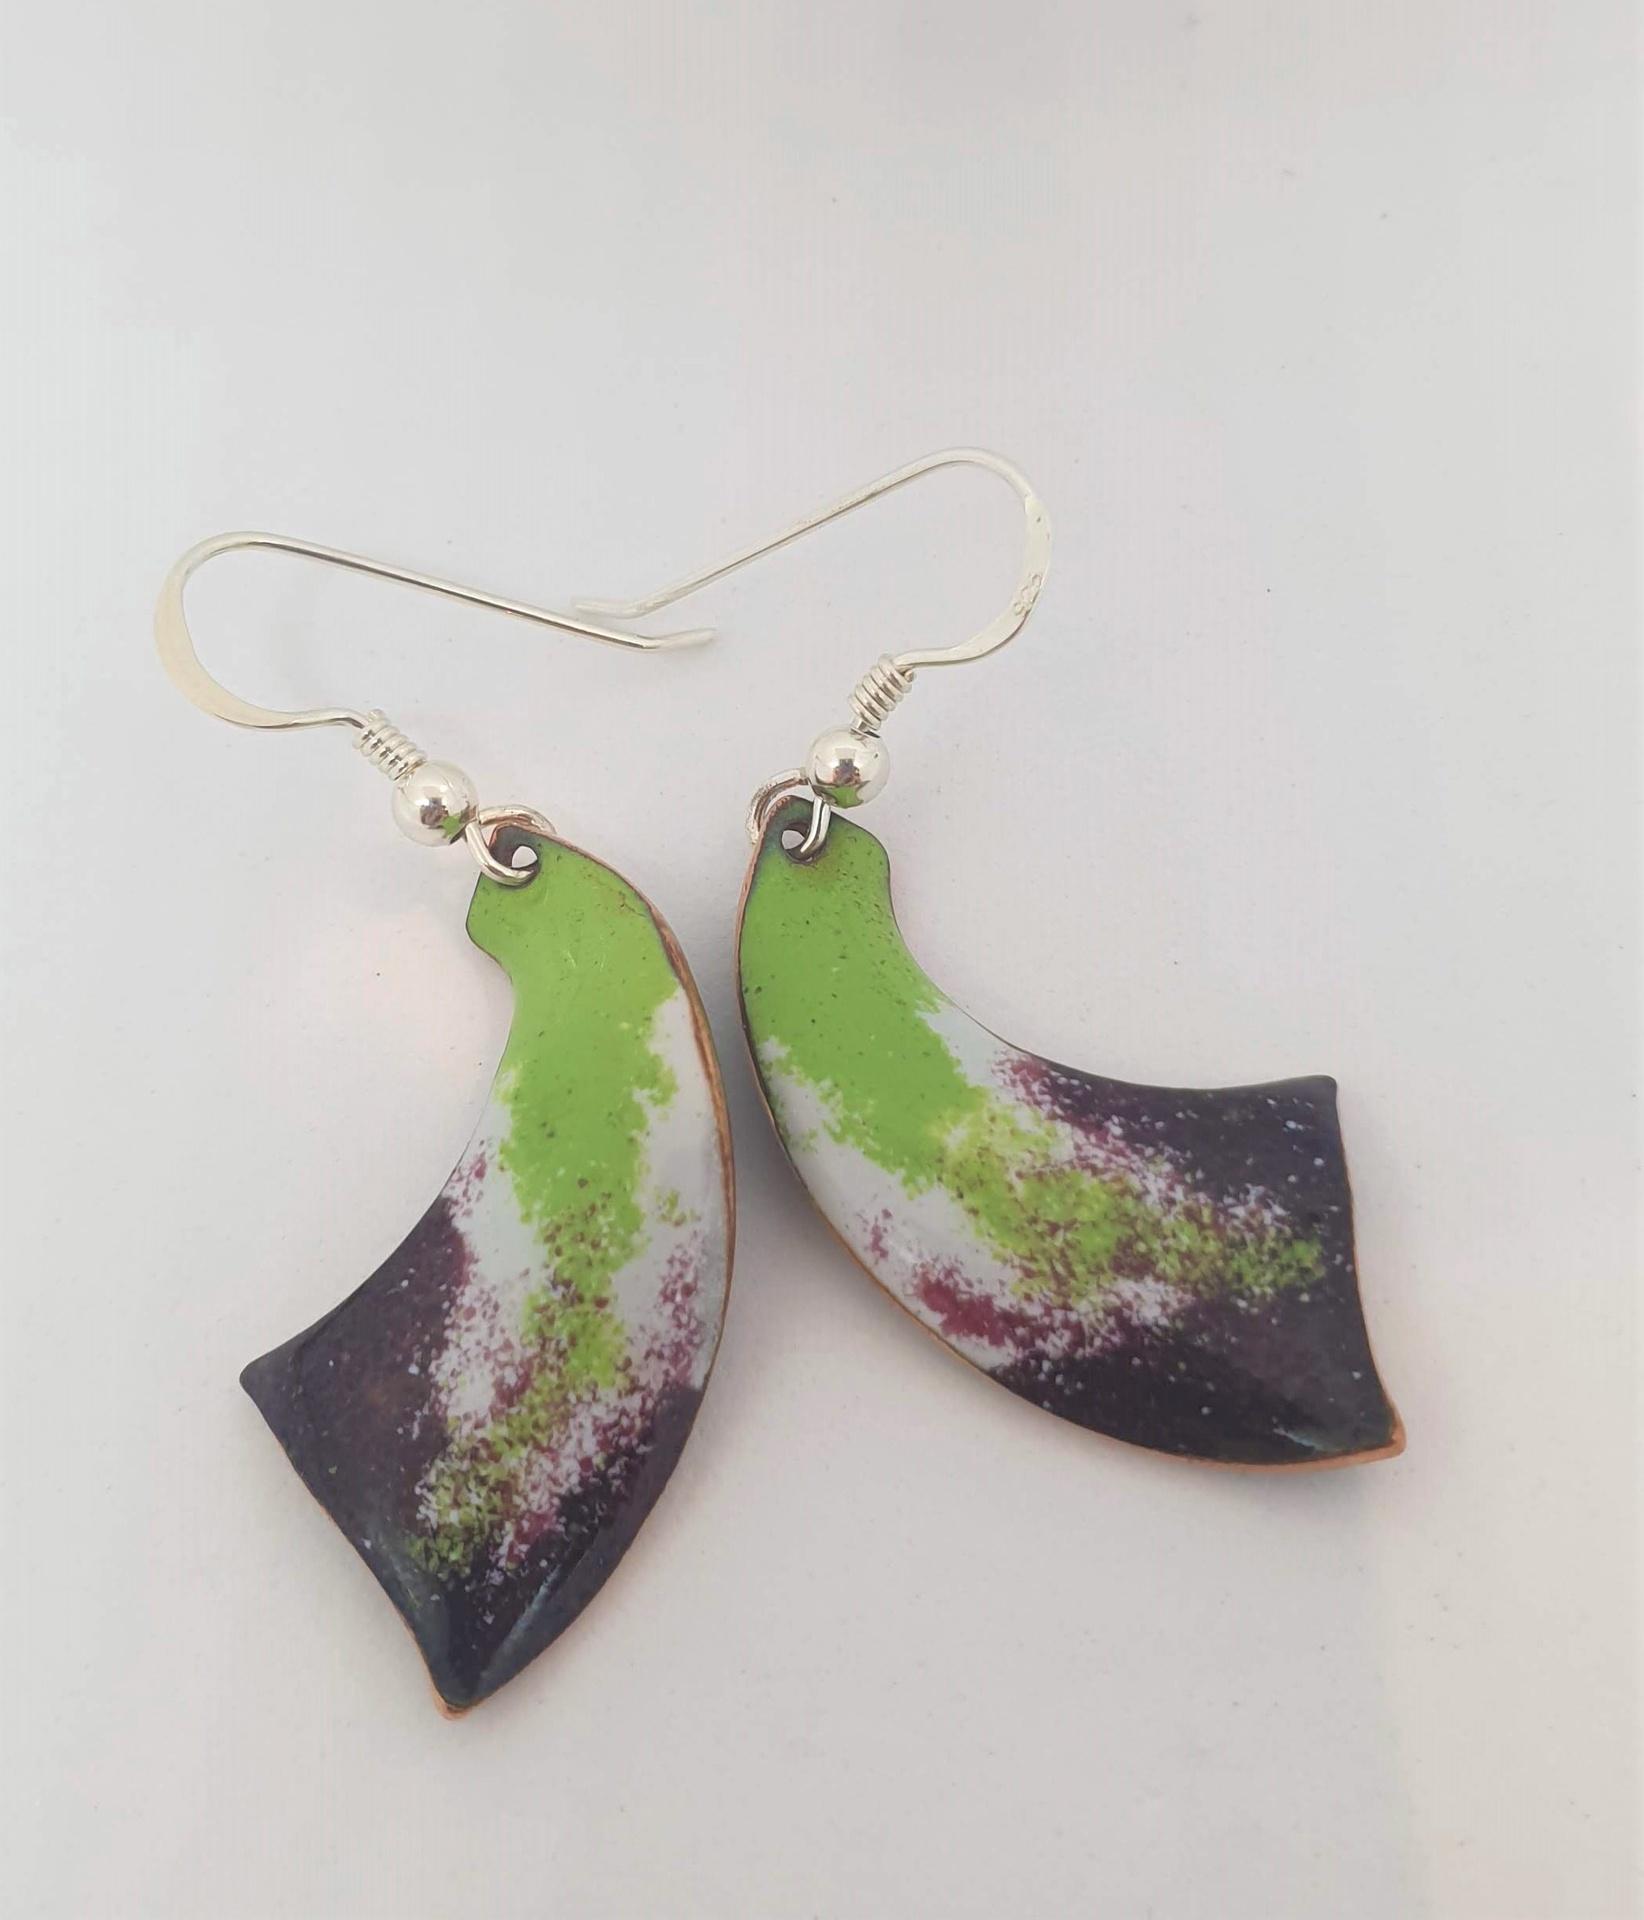 Green and Purple Enamel earrings